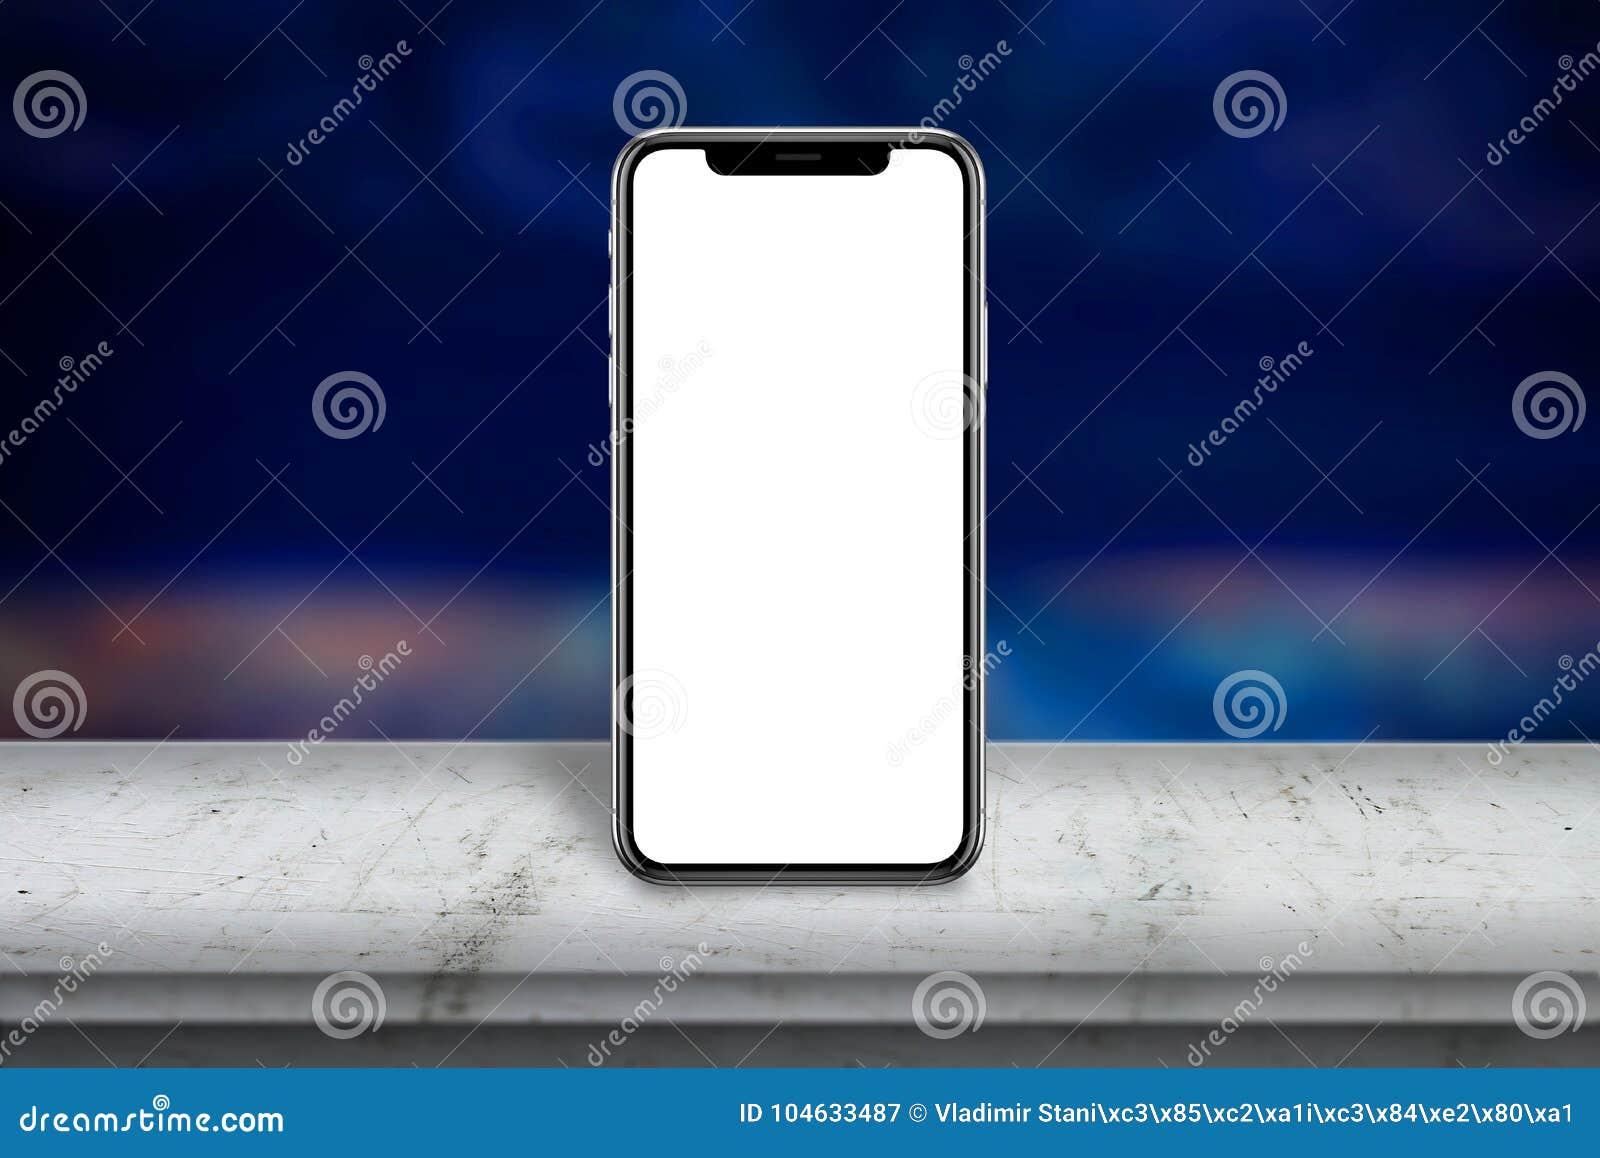 Download Moderne Slimme Telefoon Met X-het Scherm Op Witte Houten Lijst Het Lege Scherm Voor Model Stock Afbeelding - Afbeelding bestaande uit bevordering, ervaring: 104633487